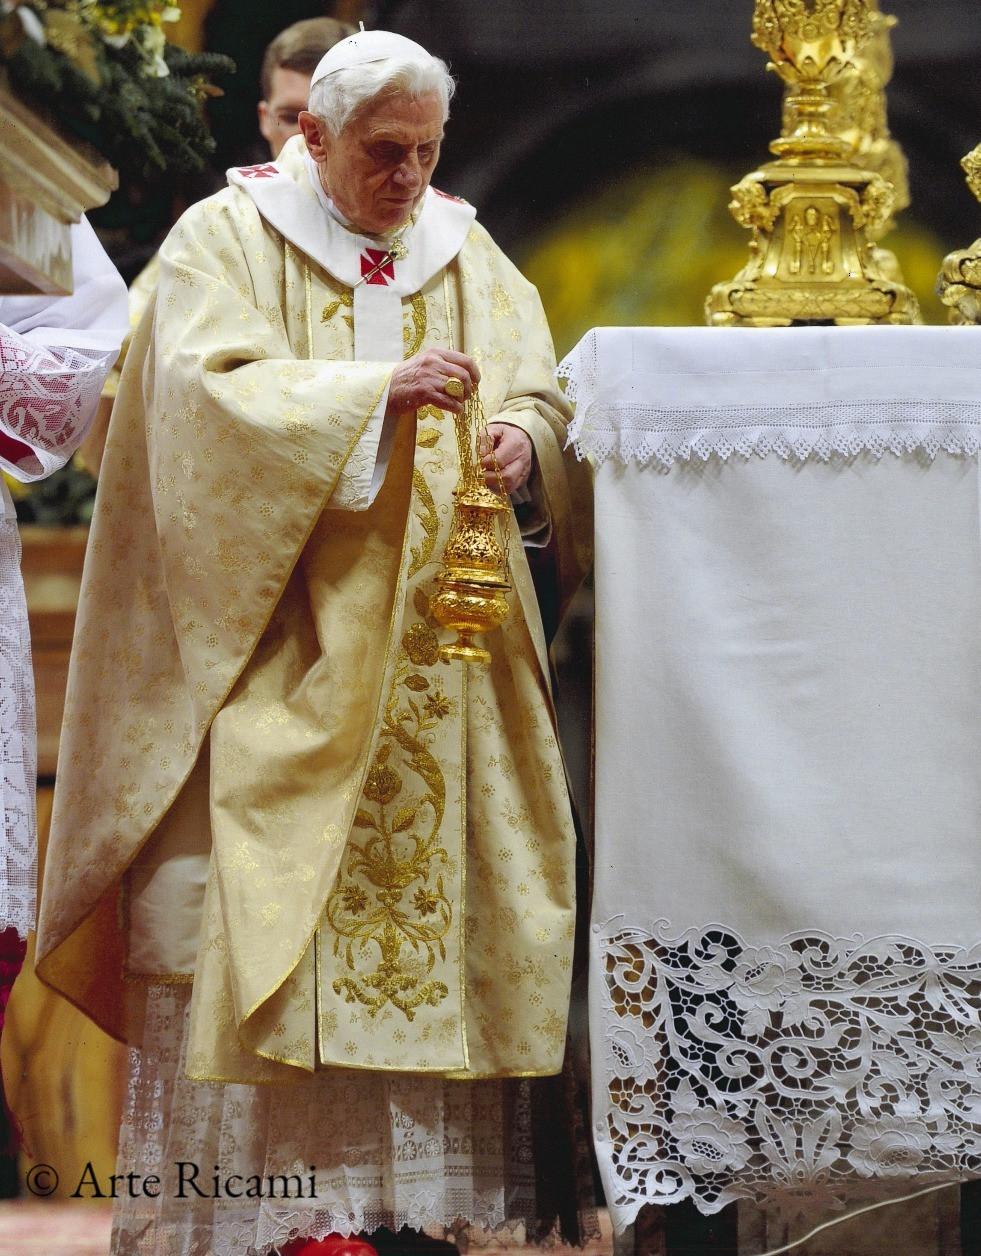 Tovaglia dell'altare papale di San Pietro ricamata a mano